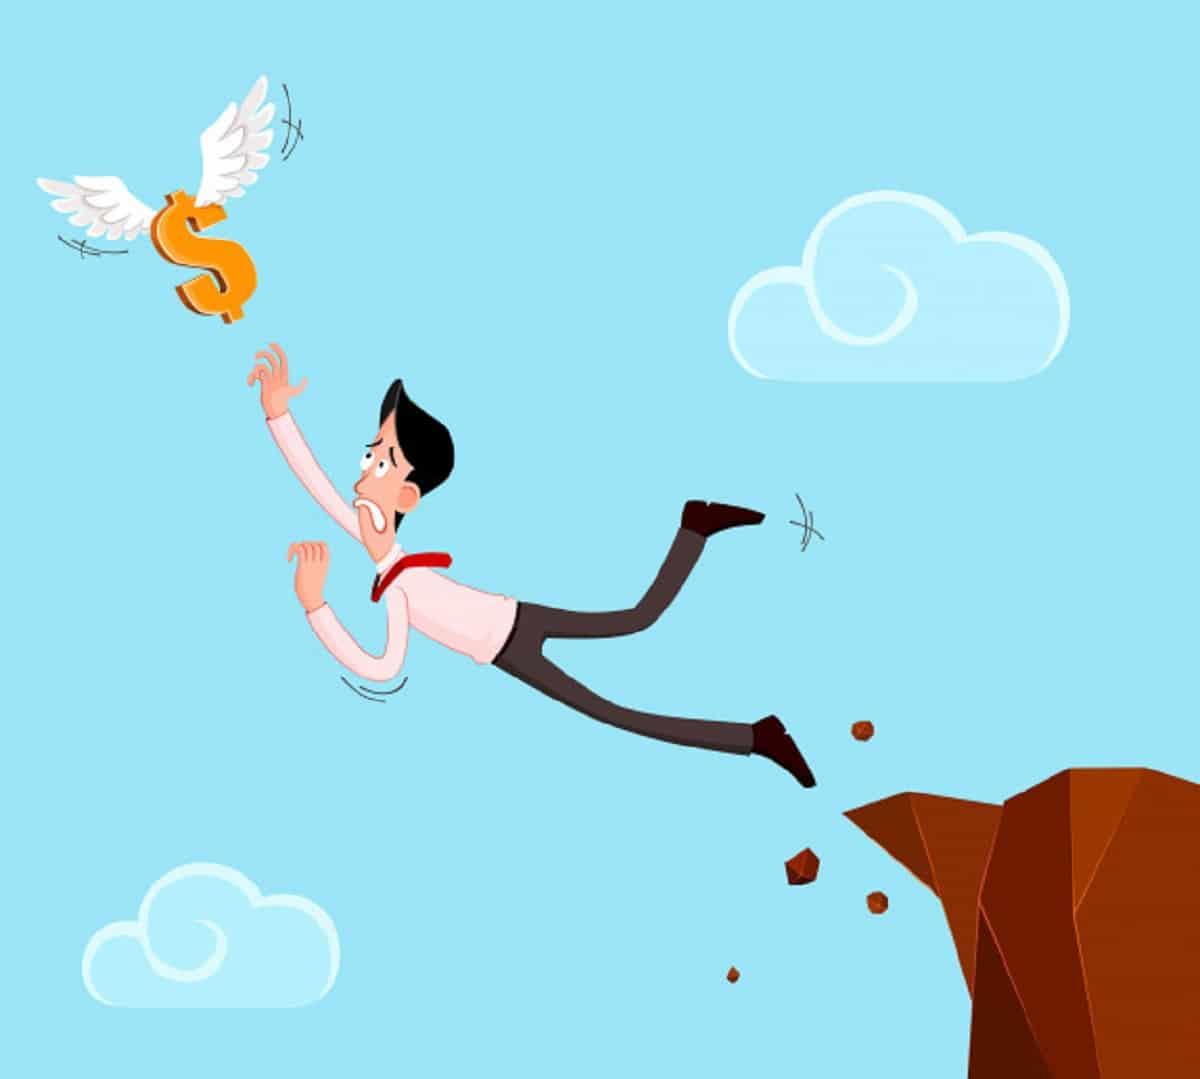 La administración de riesgos permite Identificar los posibles riesgos que tiene la función, actividad o proceso de la empresa